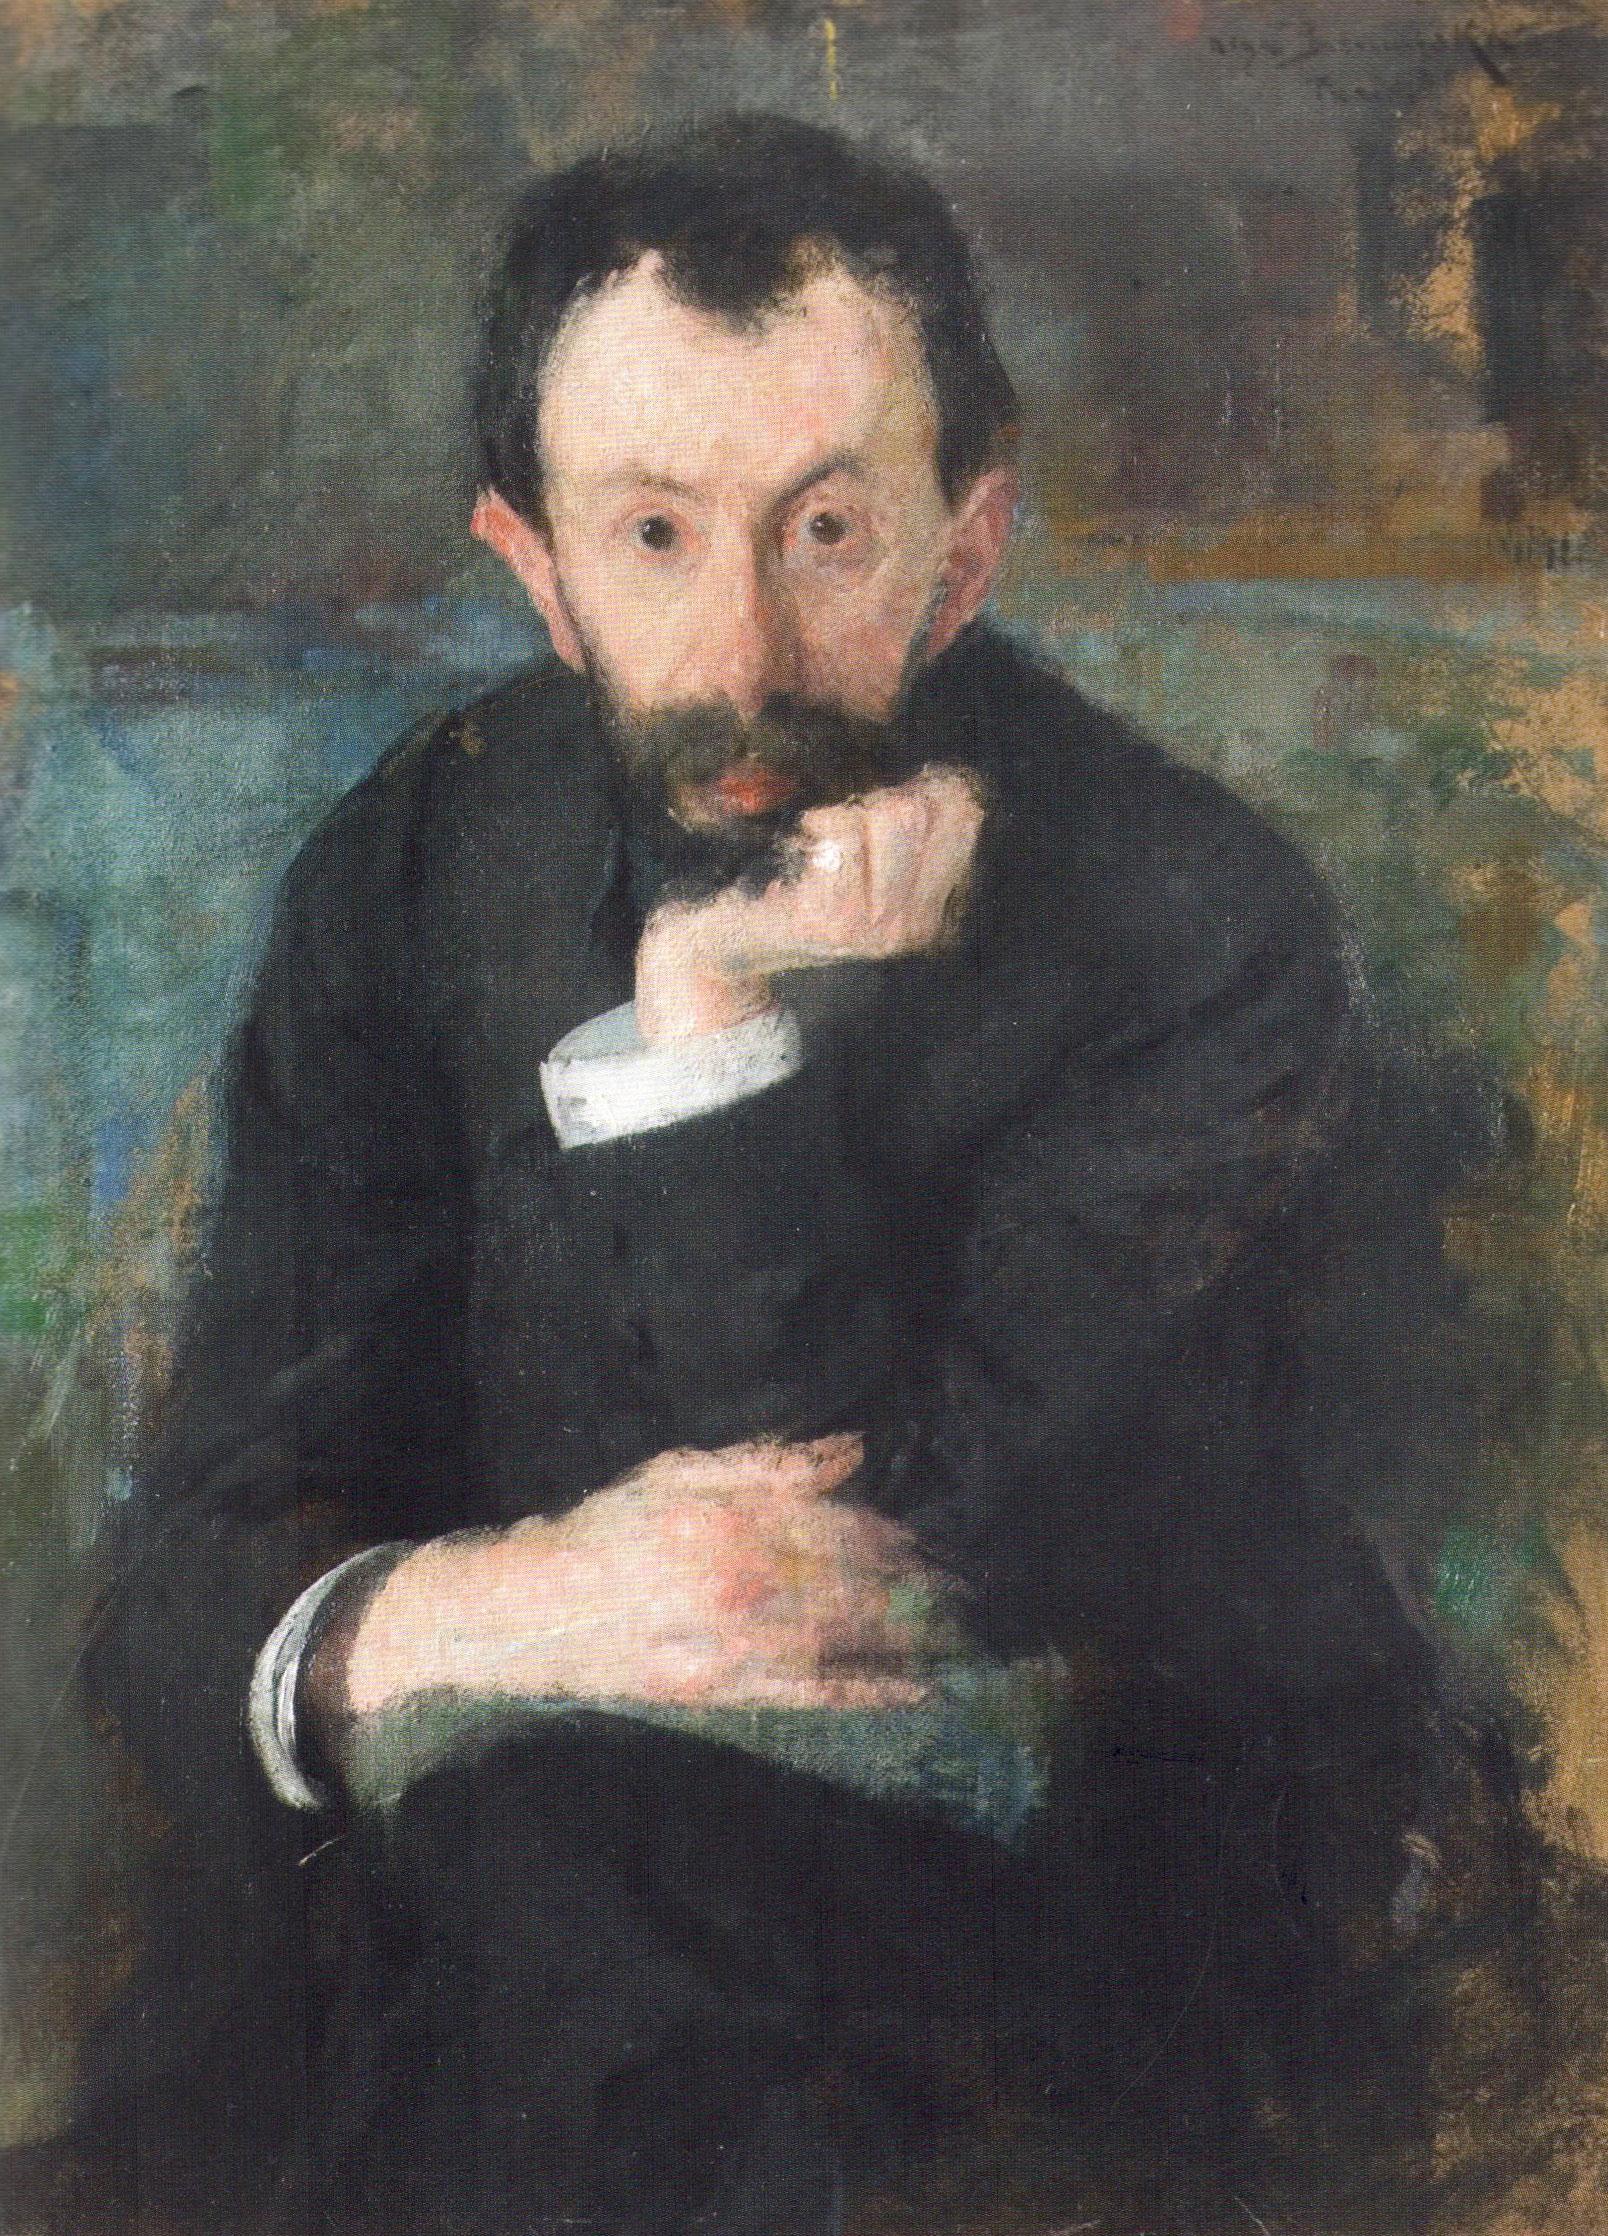 """Olga Boznańska """"Portret malarza Samuela Hirschenberga"""", ok. 1904 roku, źródło: Lwowska Narodowa Galeria Sztuki"""